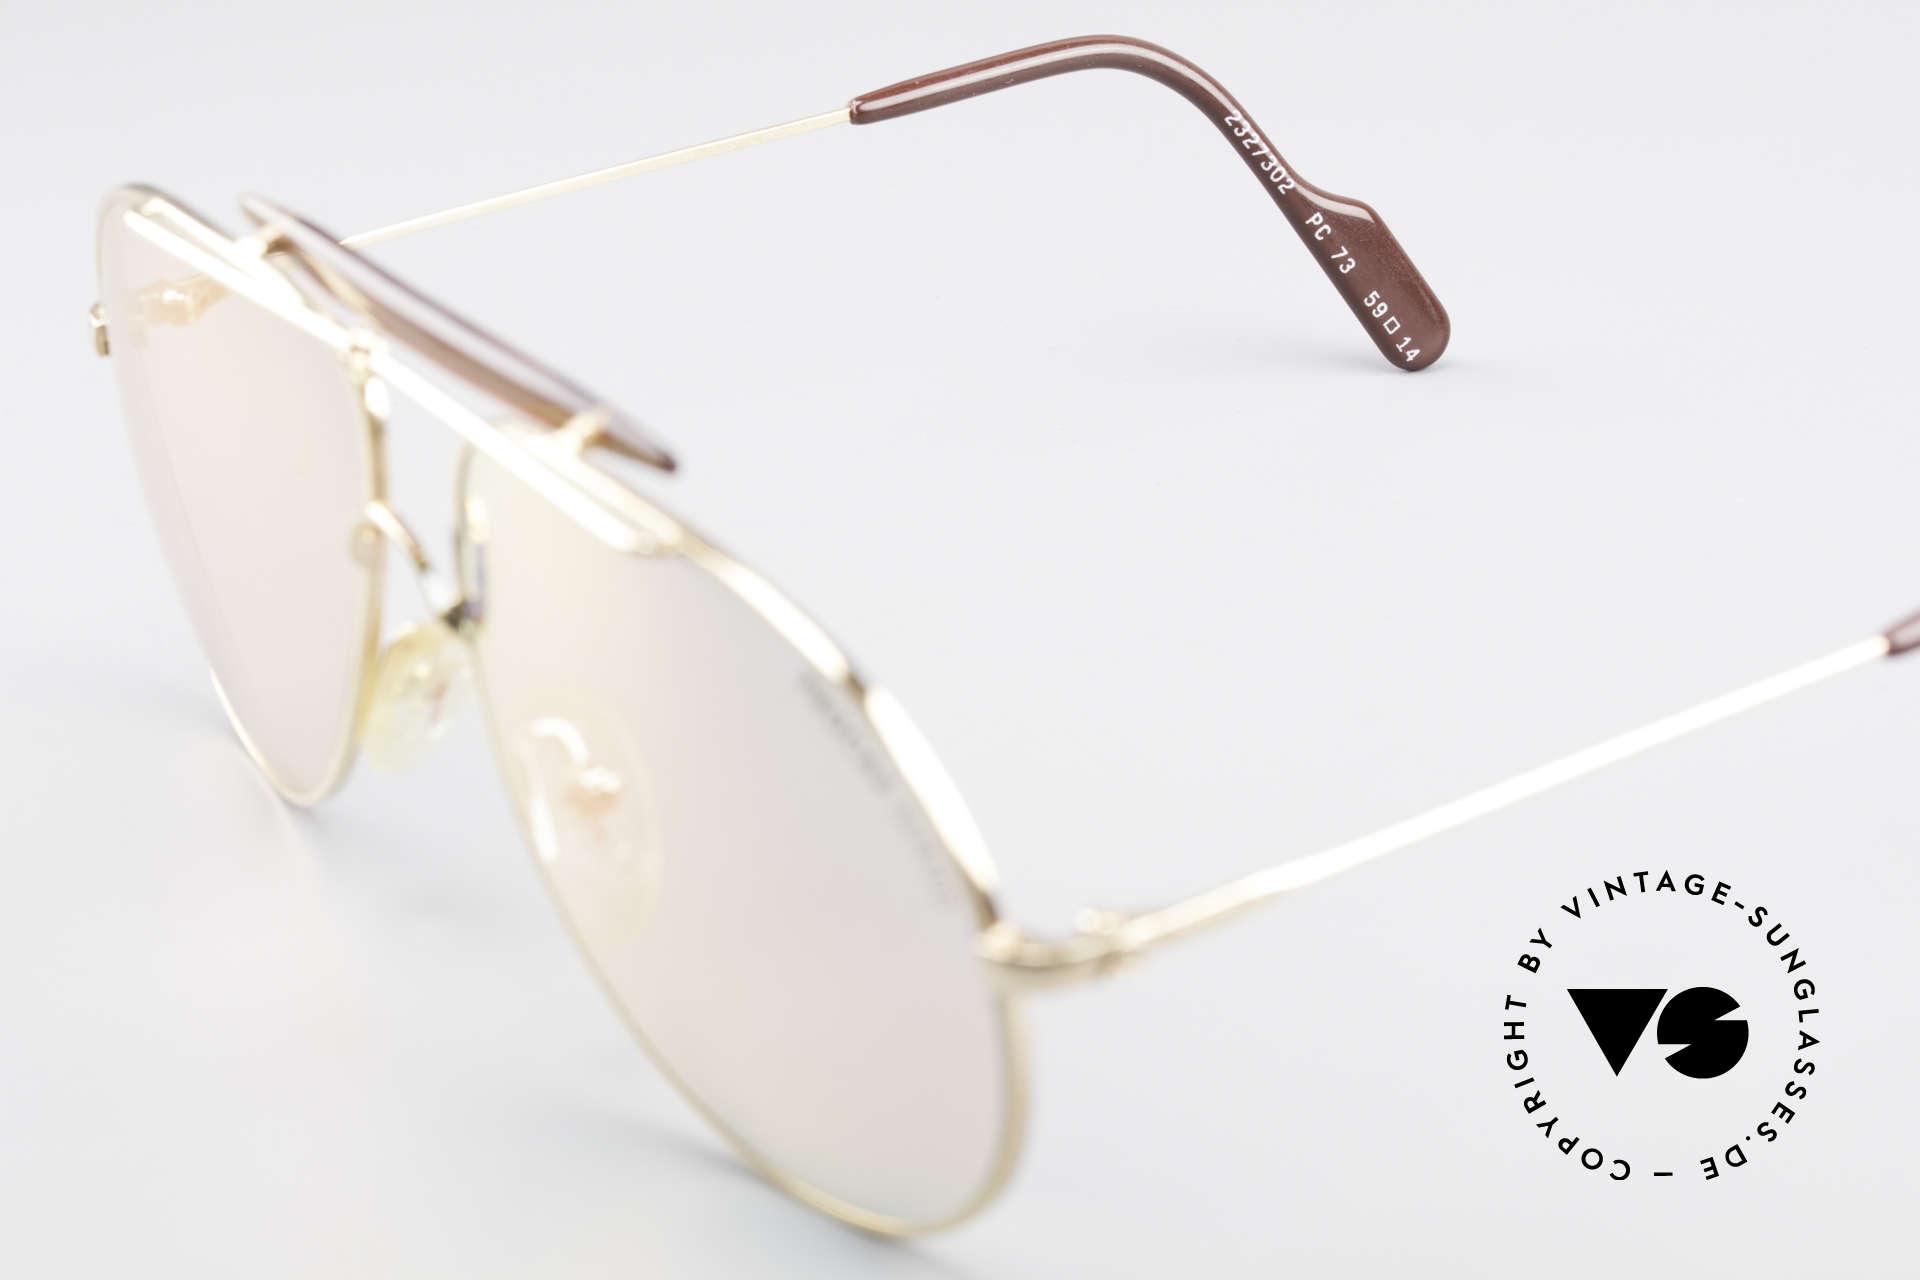 Alpina PC73 ProCar Serie Sonnenbrille Men, KEINE Retrosonnenbrille, sondern 100% vintage Original, Passend für Herren und Damen